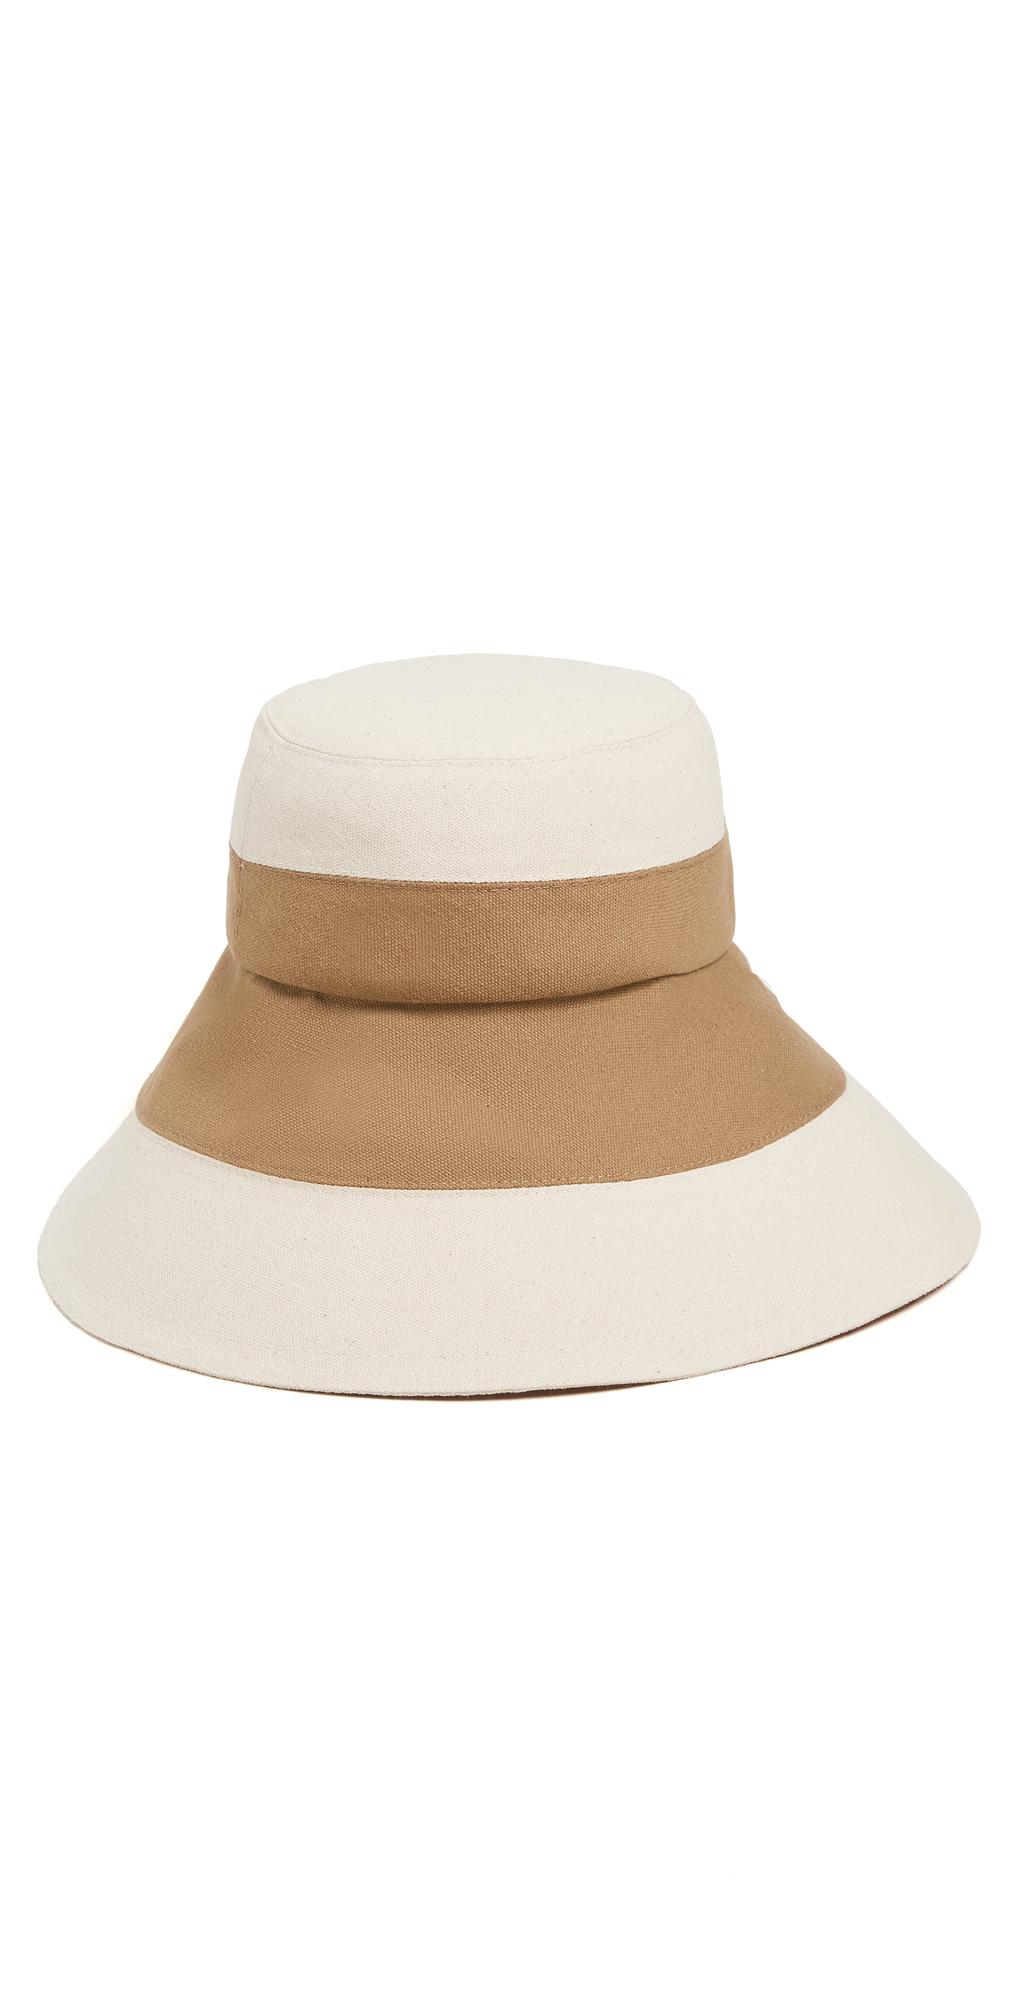 No Man's Land Bucket Hat